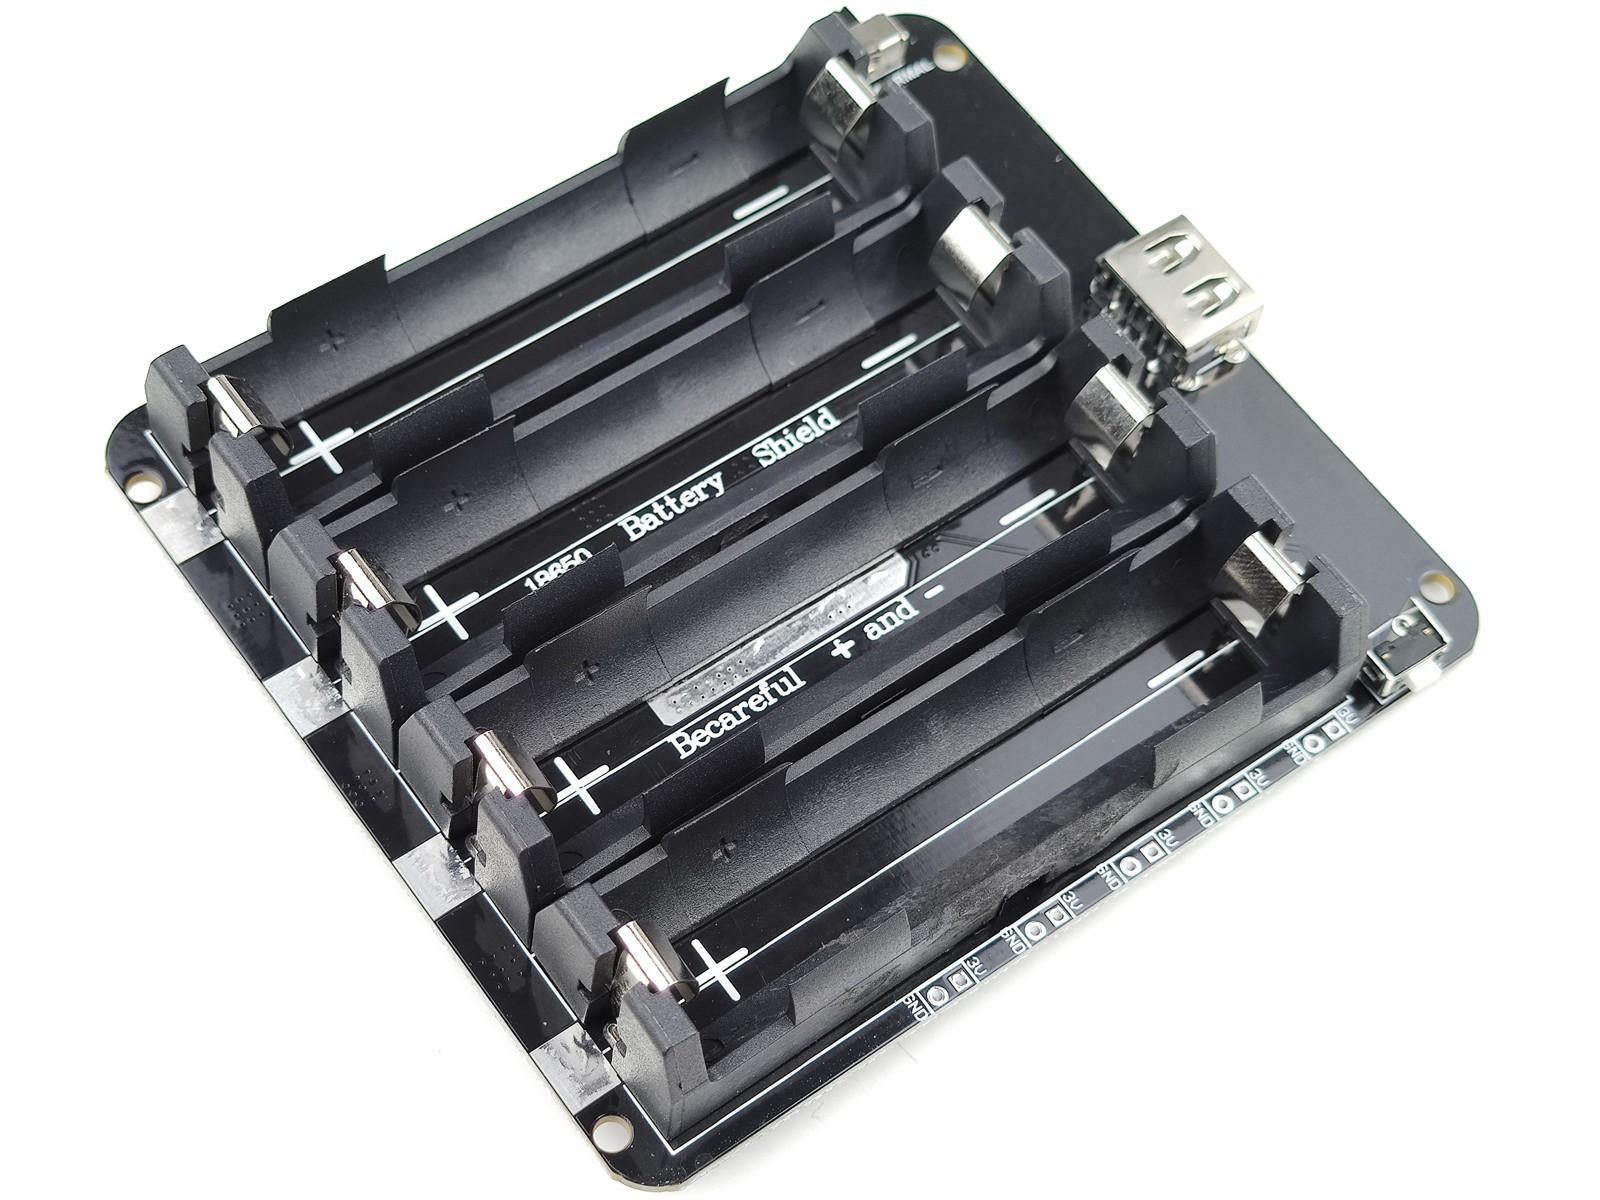 quad lithium 18650 charger booster 3v 5v output